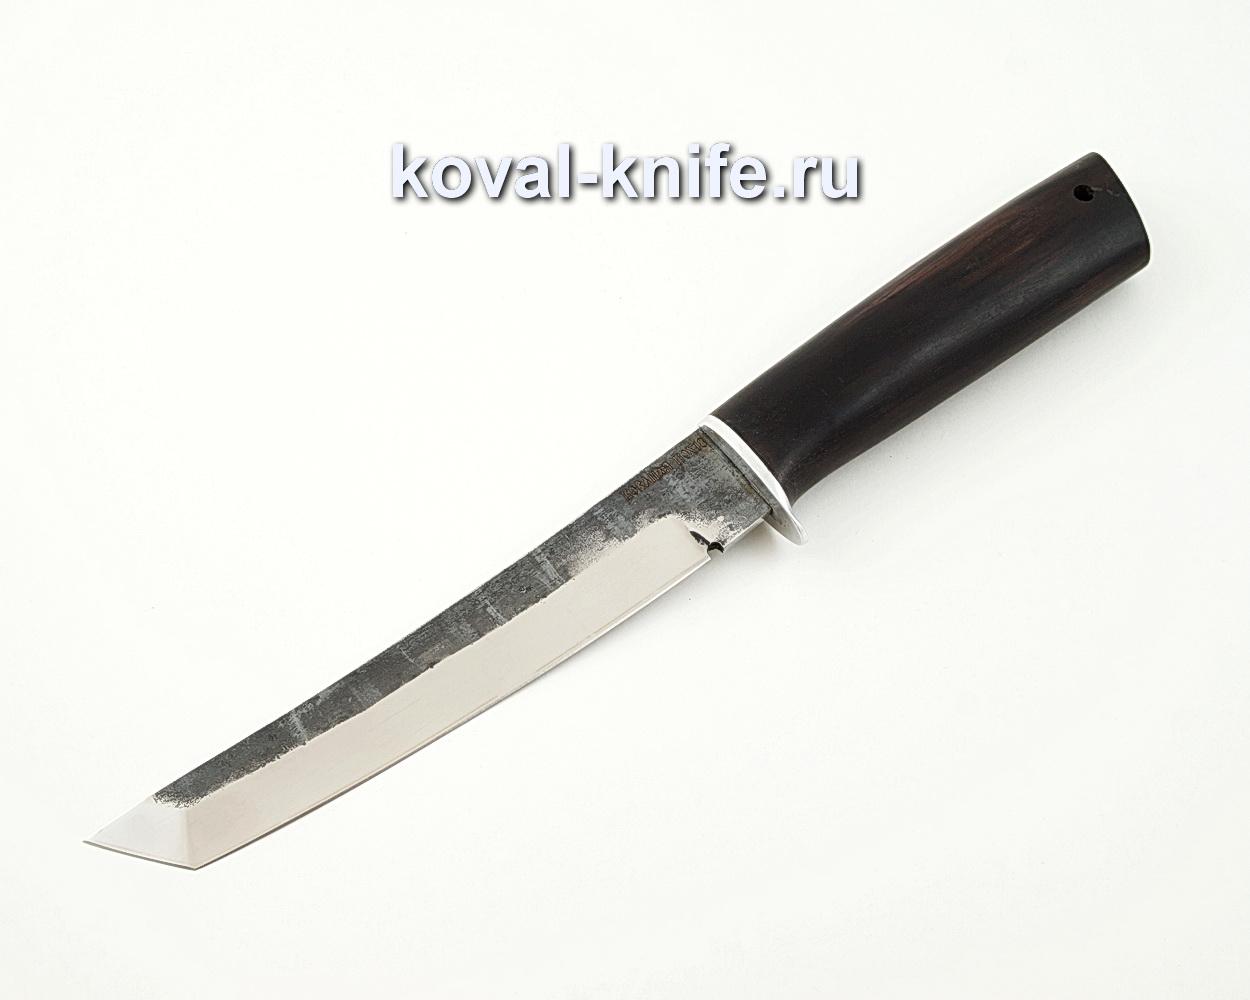 Нож Танто из кованой стали 110Х18 с рукоятью из черного граба A567